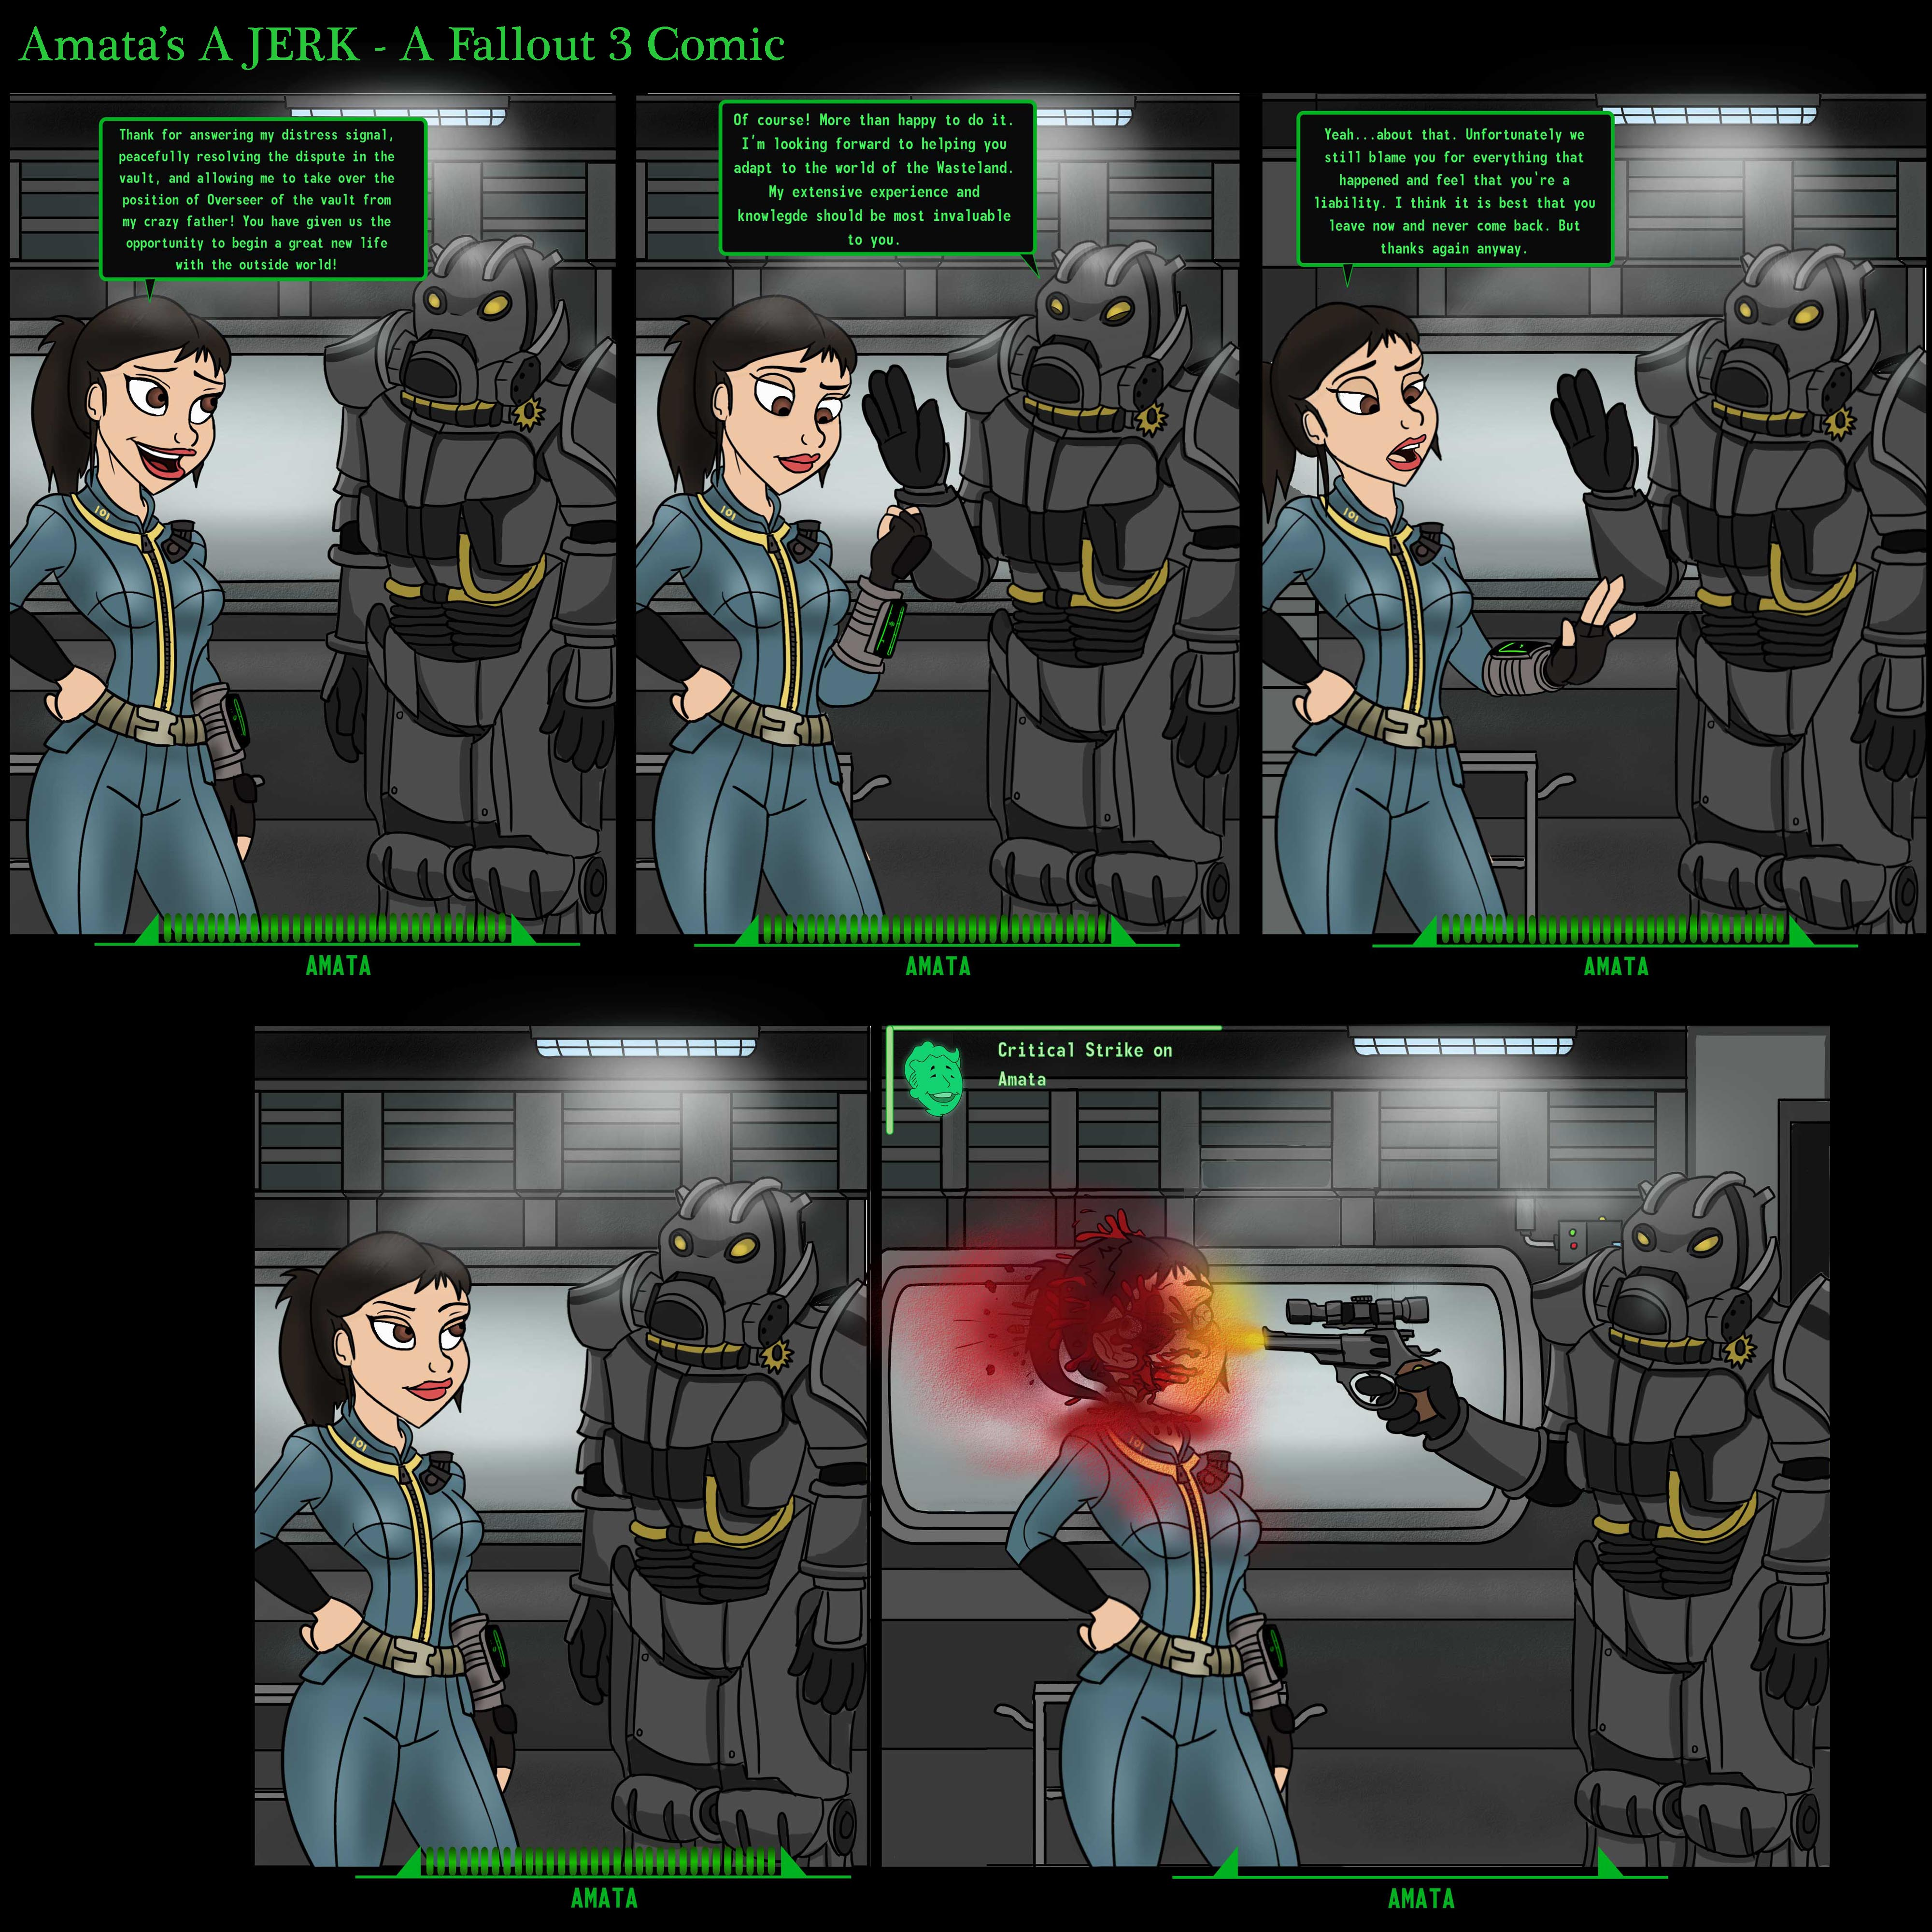 Fallout 3 Fan Art: Amata's A Jerk By 49ersrule07 On DeviantArt